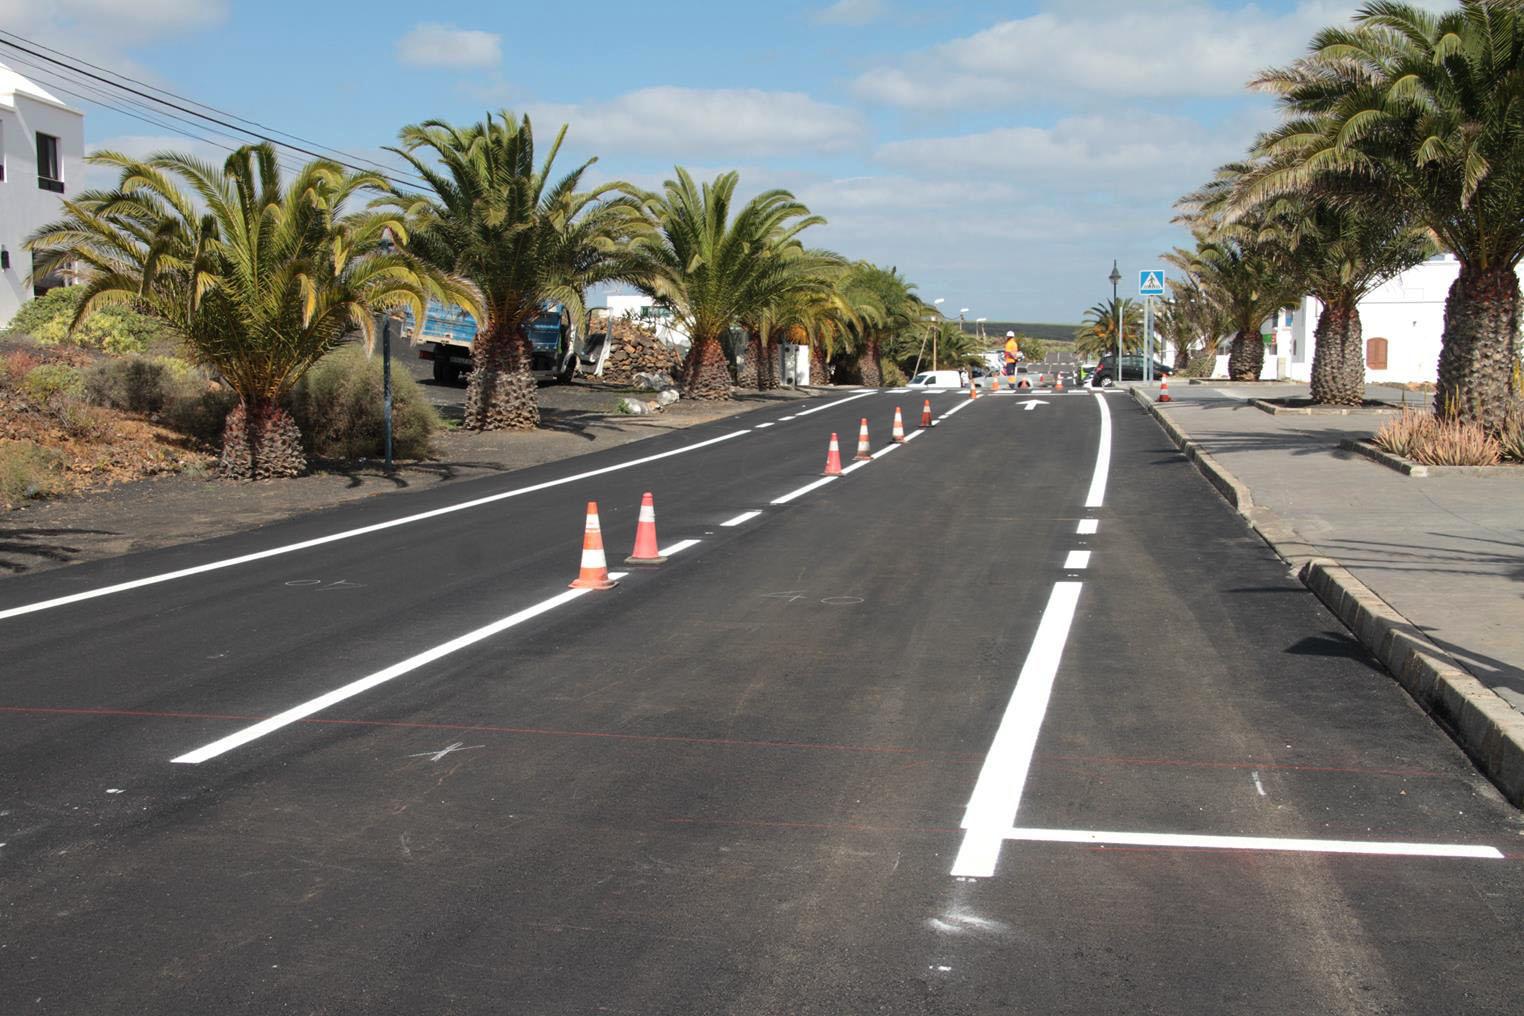 El Cabildo de Lanzarote rehabilita varias calles principales y conexiones de acceso al núcleo turístico y poblacional de Punta Mujeres con una inversión total superior a los 550.000 euros